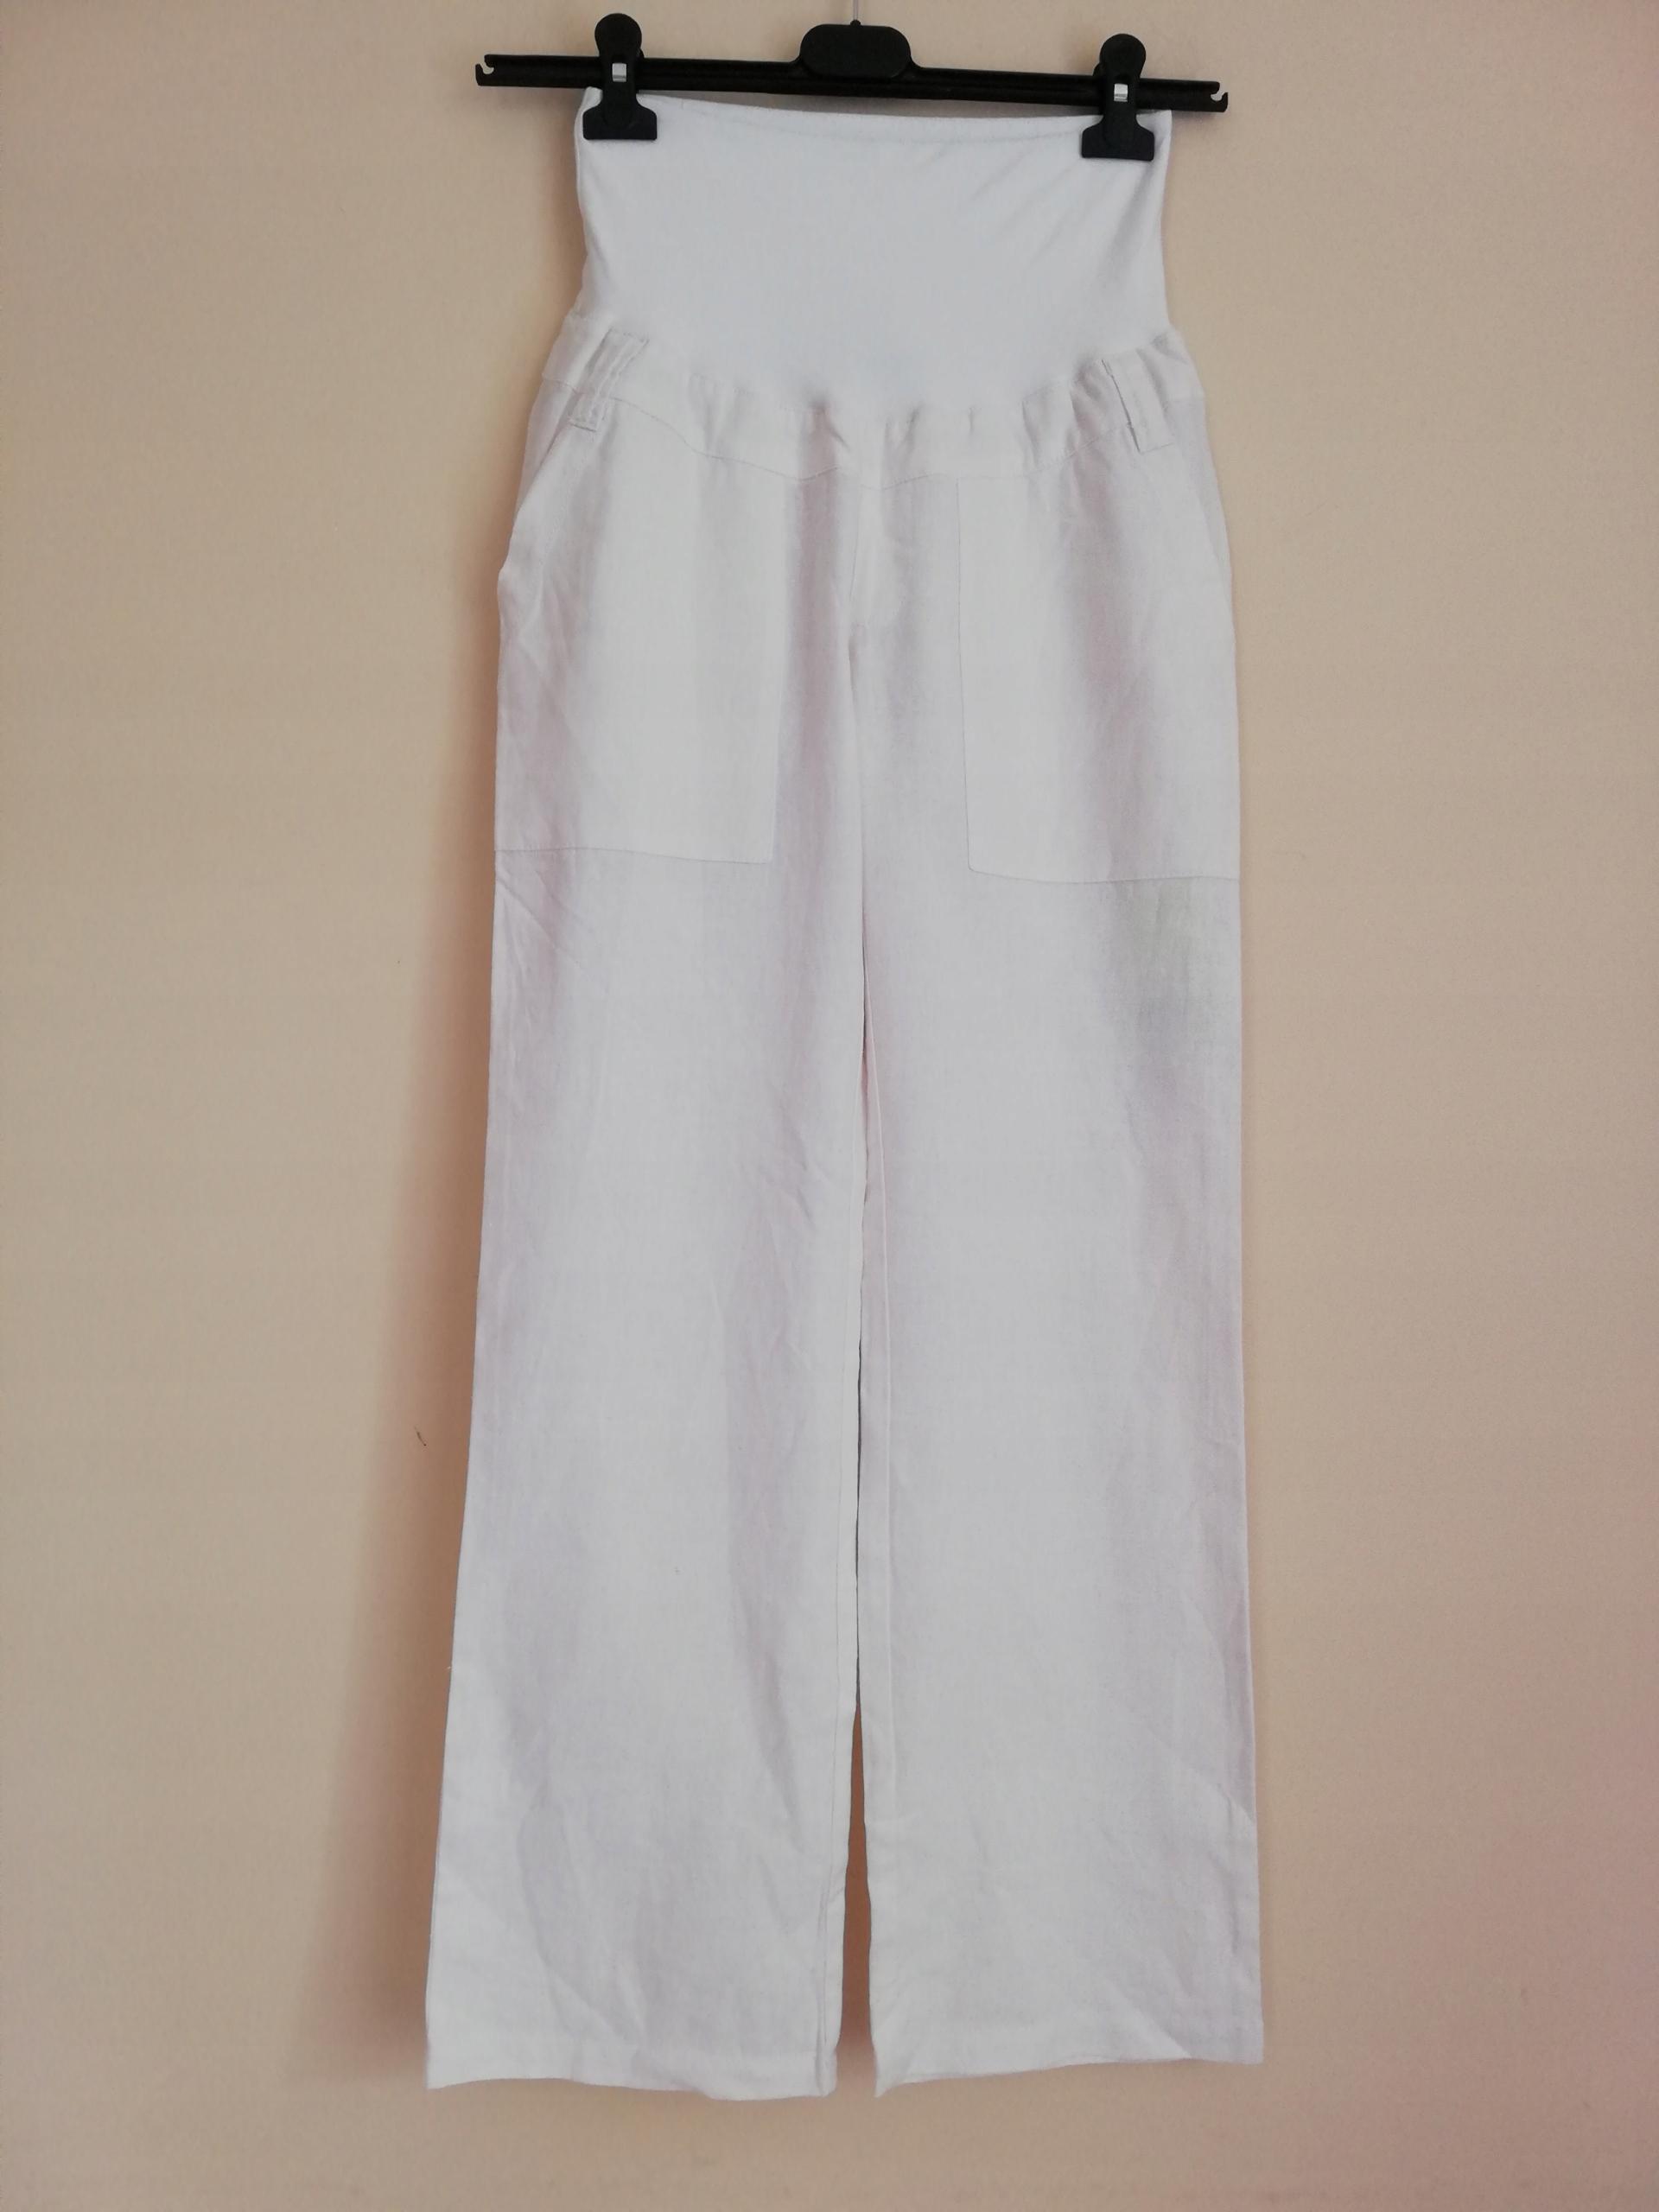 Okazja! Spodnie ciążowe Mothercare białe len 36 S